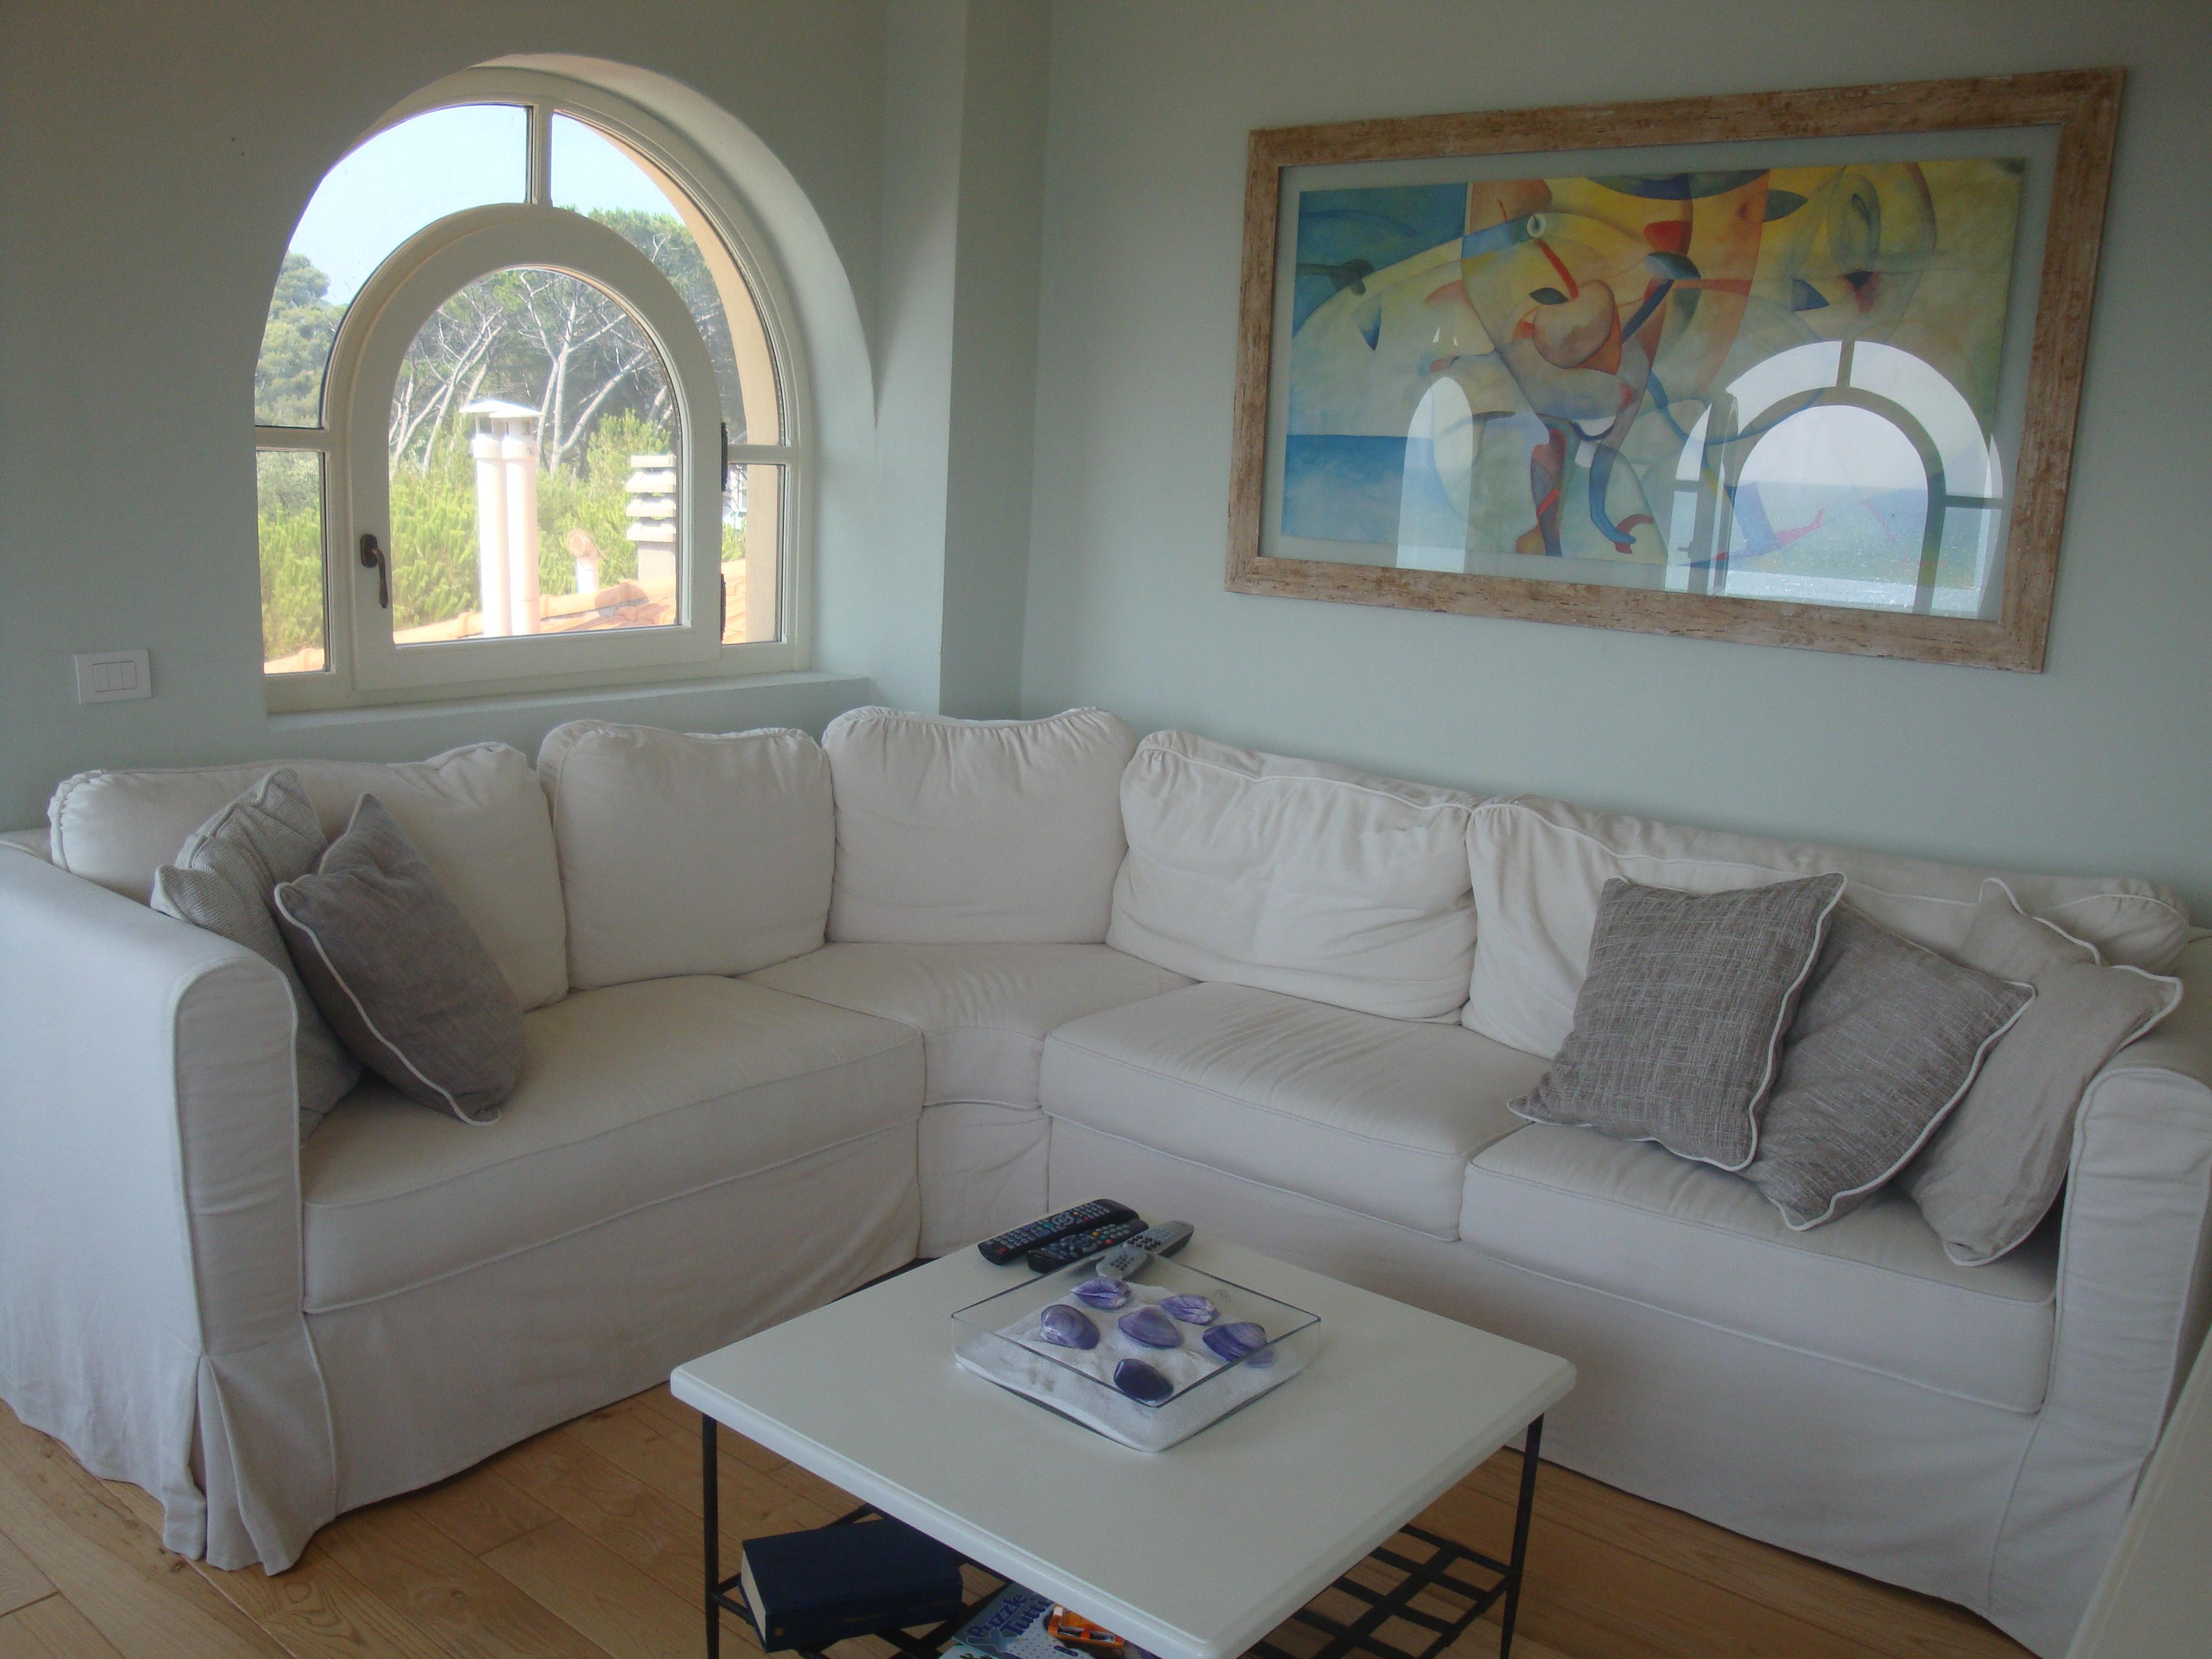 Arredare casa al mare garden house lazzerini for Arredare casa al mare immagini